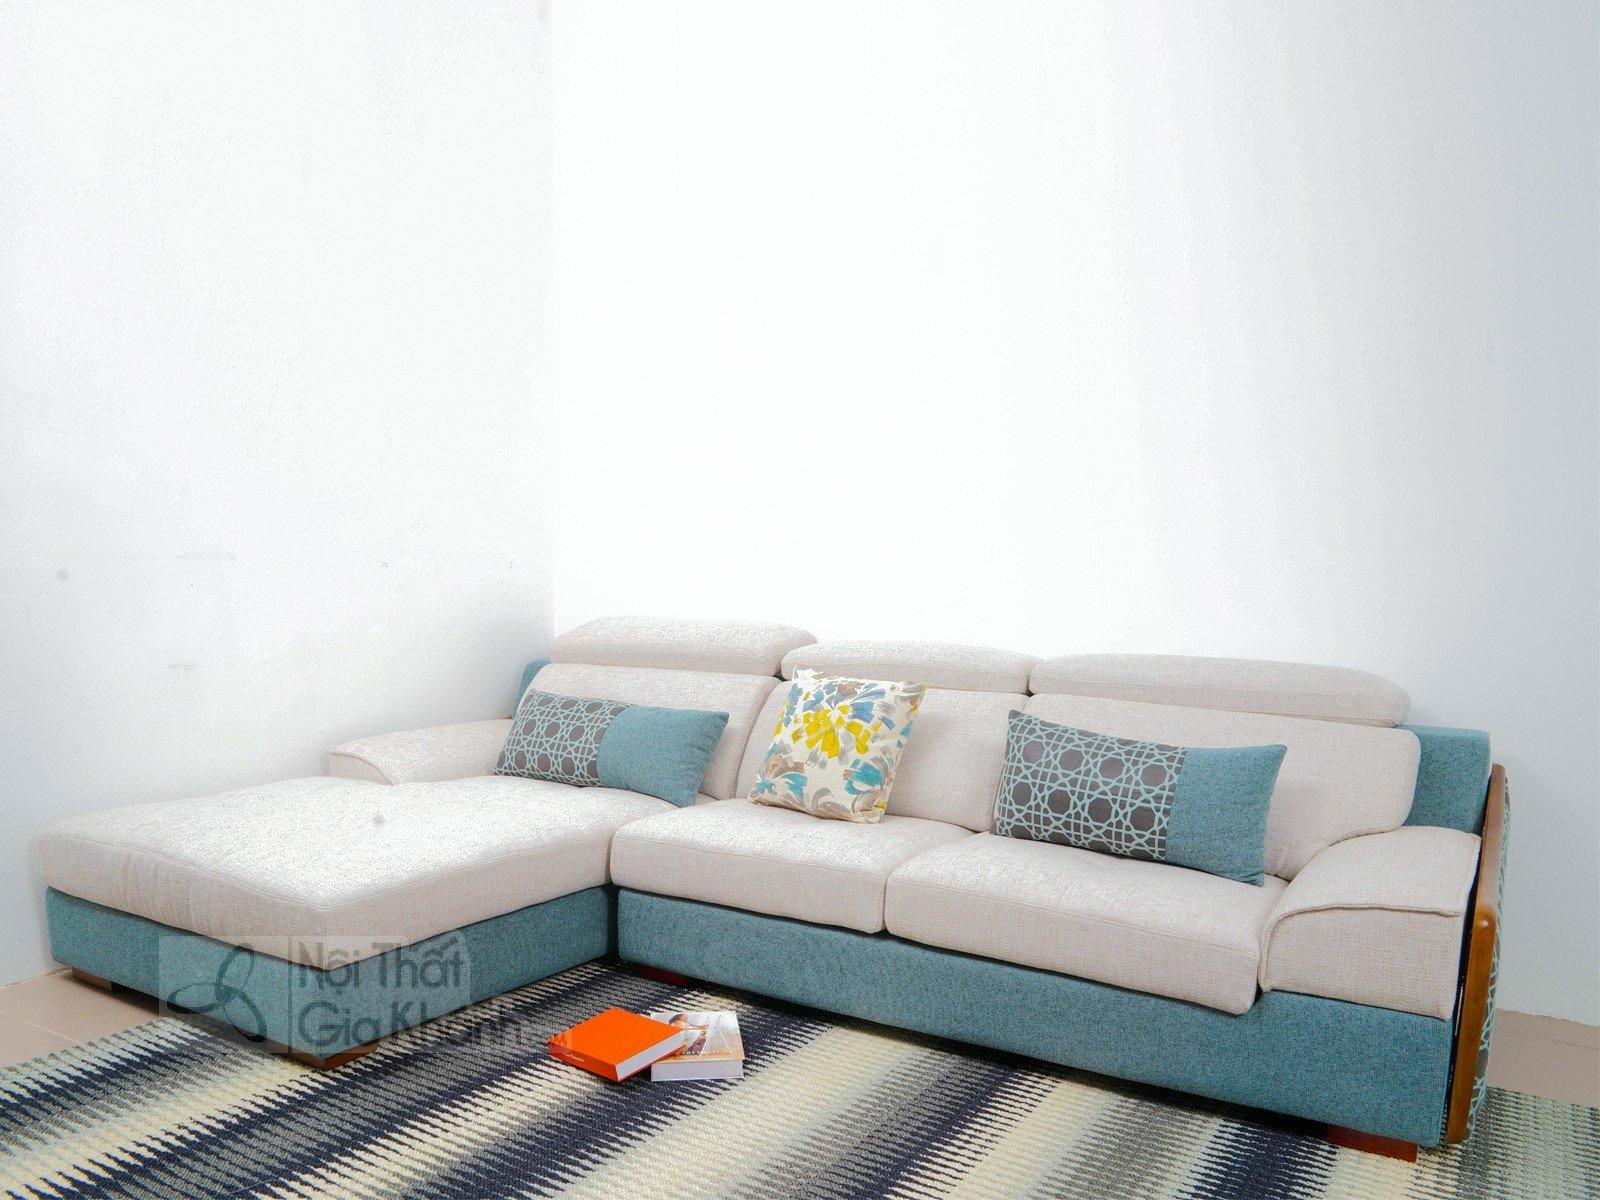 Bàn ghế Sofa vải nhập khẩu cao cấp 2 băng MR801C-SF - sofa hien dai MR801C SF 2900x1800x850 12